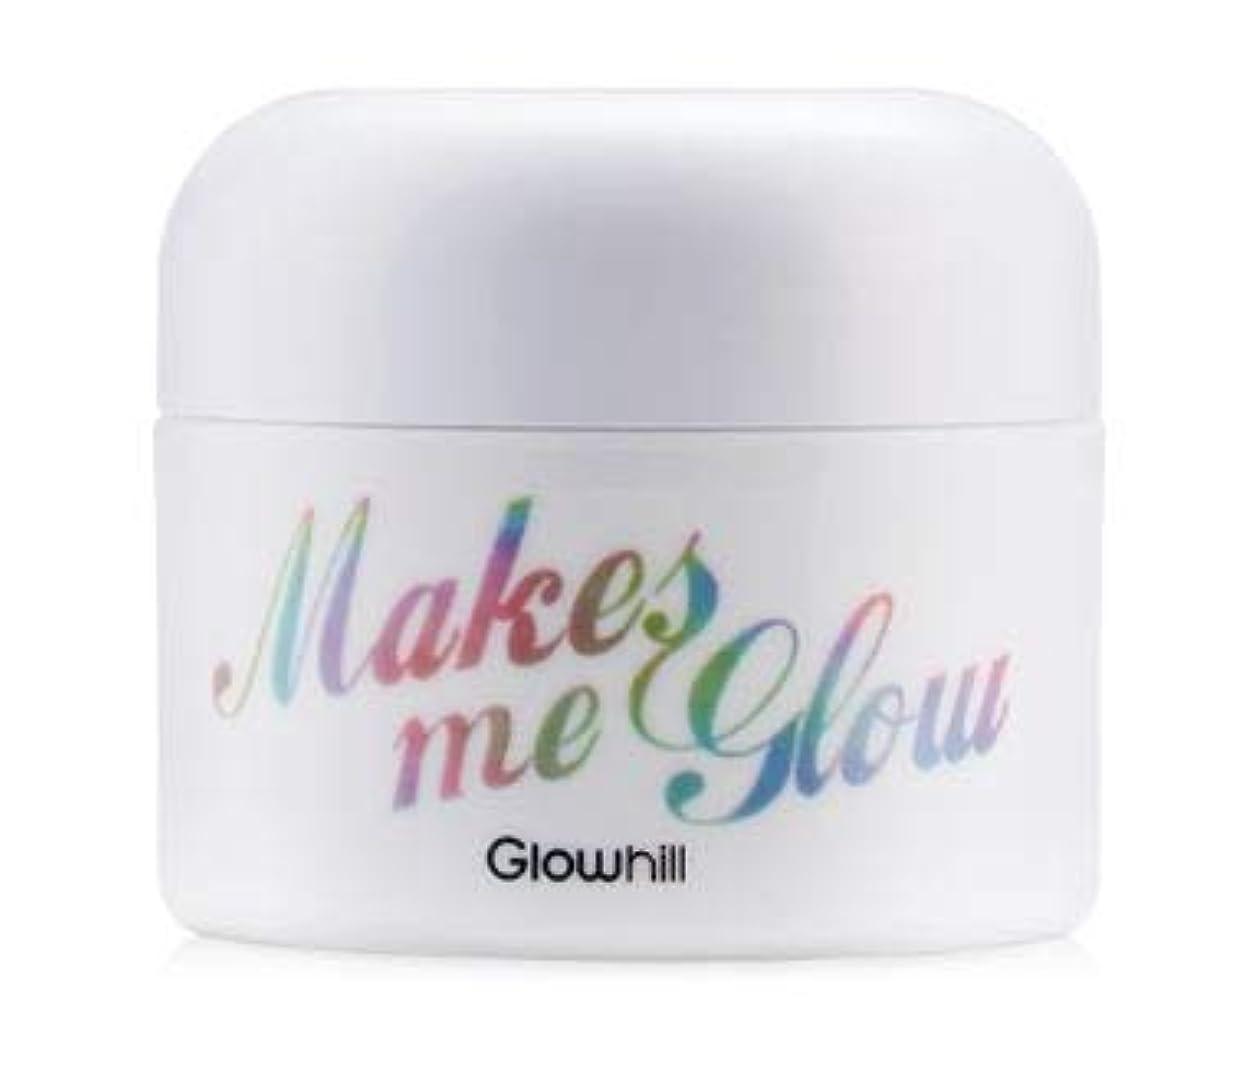 外出居眠りするヒント[Glowhill] Aurora Whitehole Glow Mask / [グローヒル] オーロラホワイトホールグローマスク [並行輸入品]